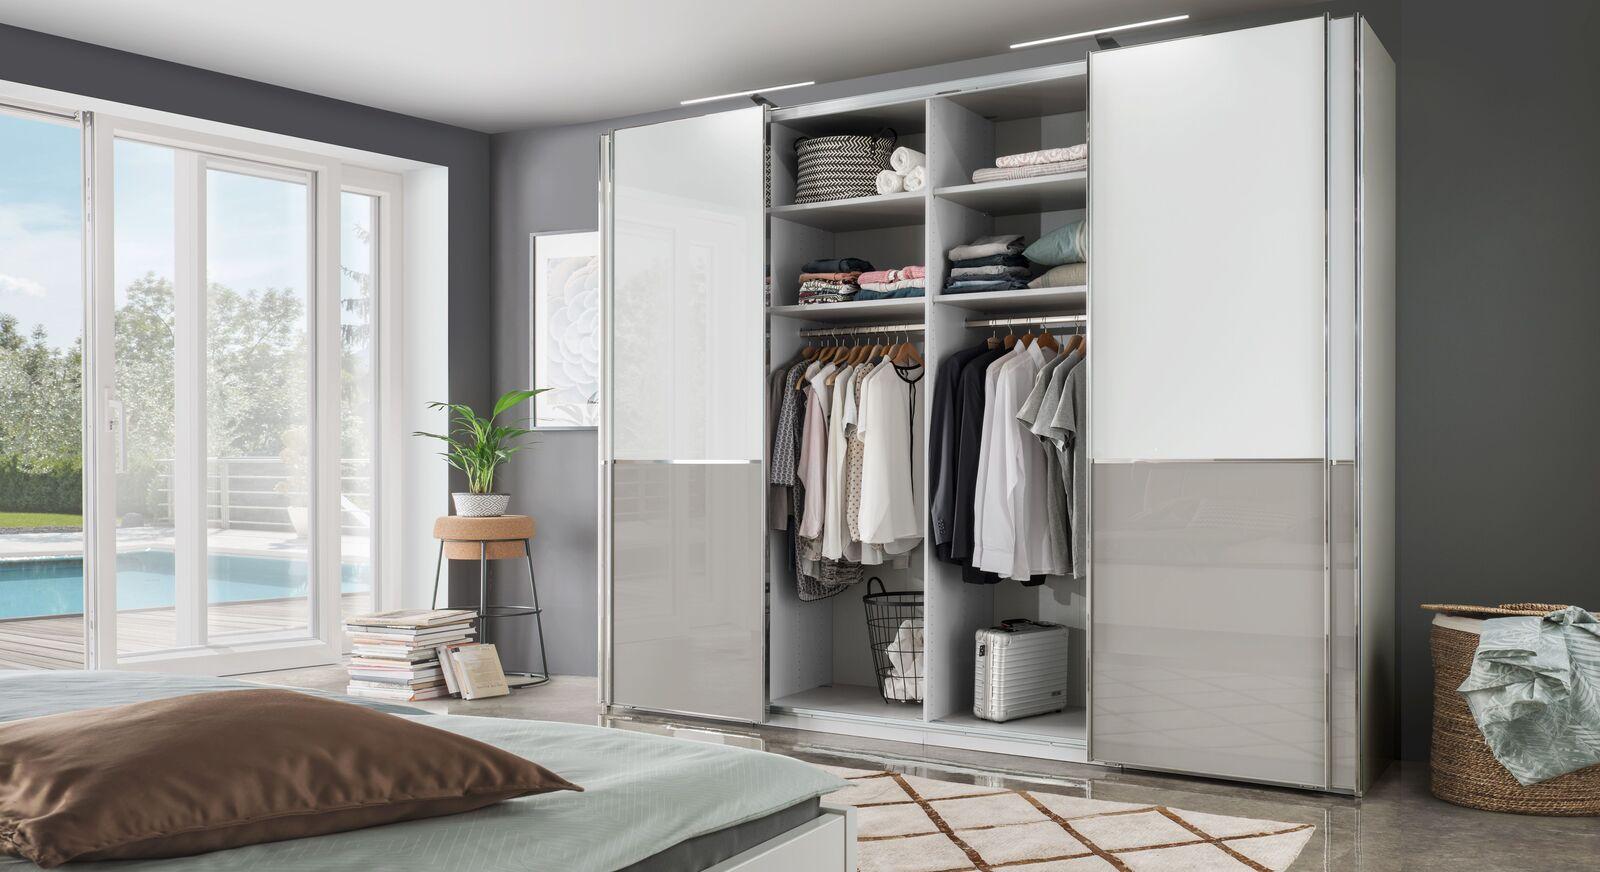 Schwebetüren-Kleidersschrank Shanvalley inklusive Innenausstattung